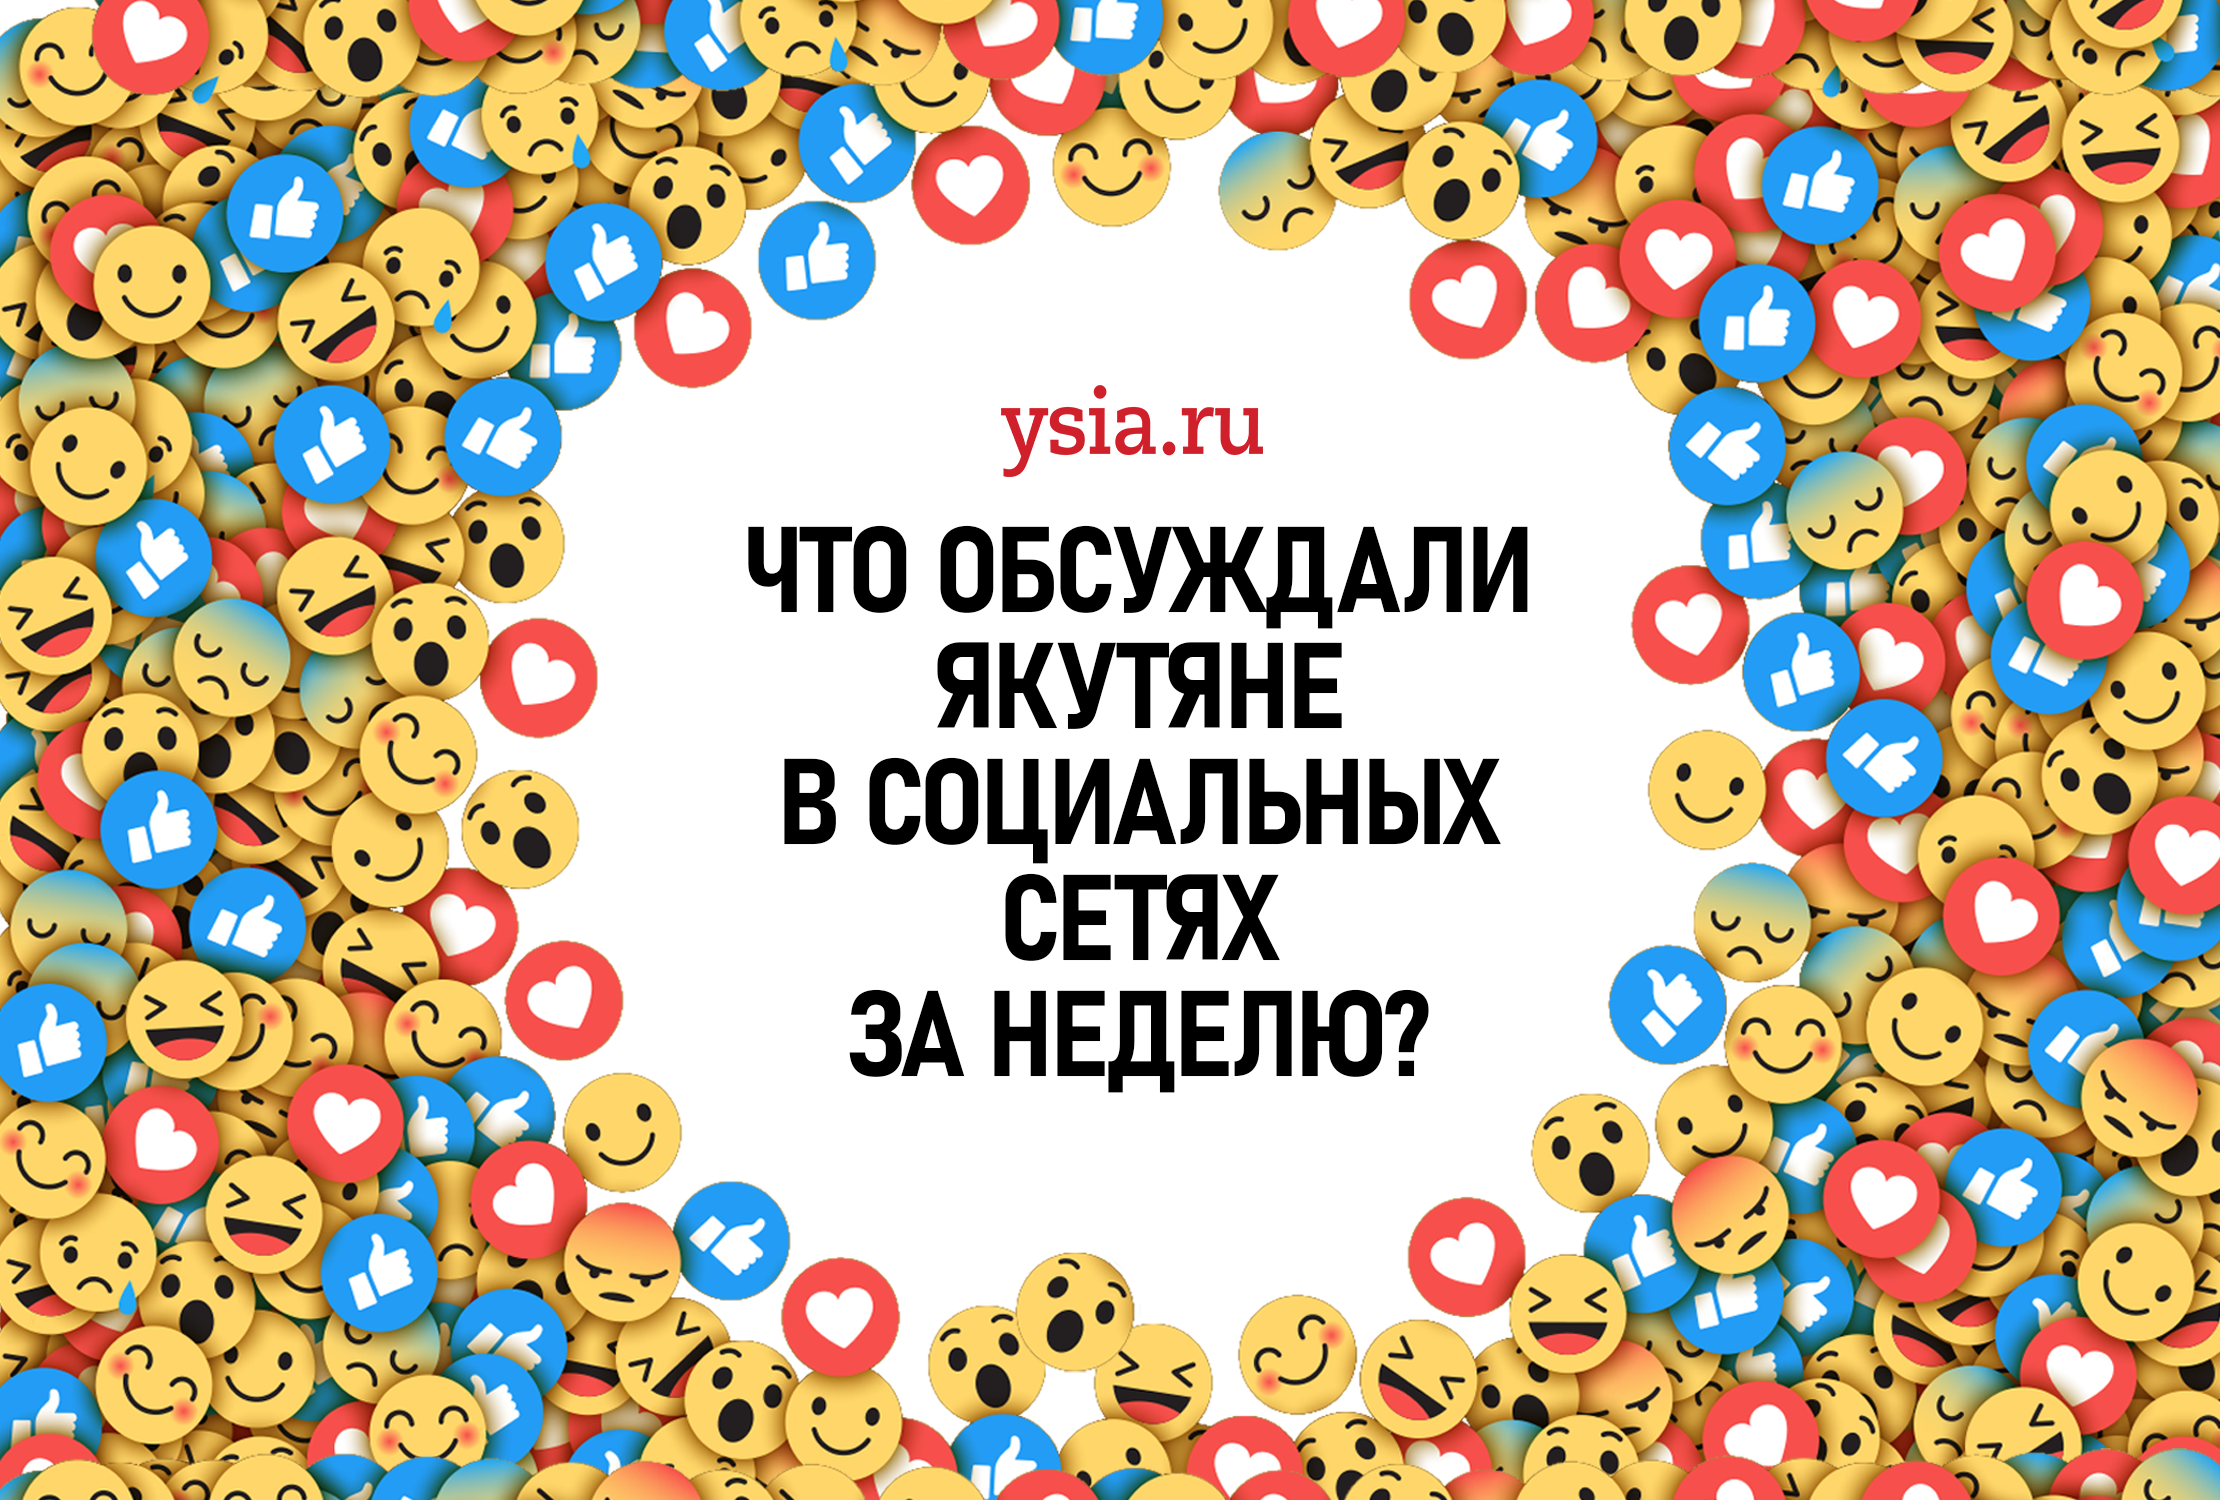 Что обсуждали якутяне в социальных сетях за неделю